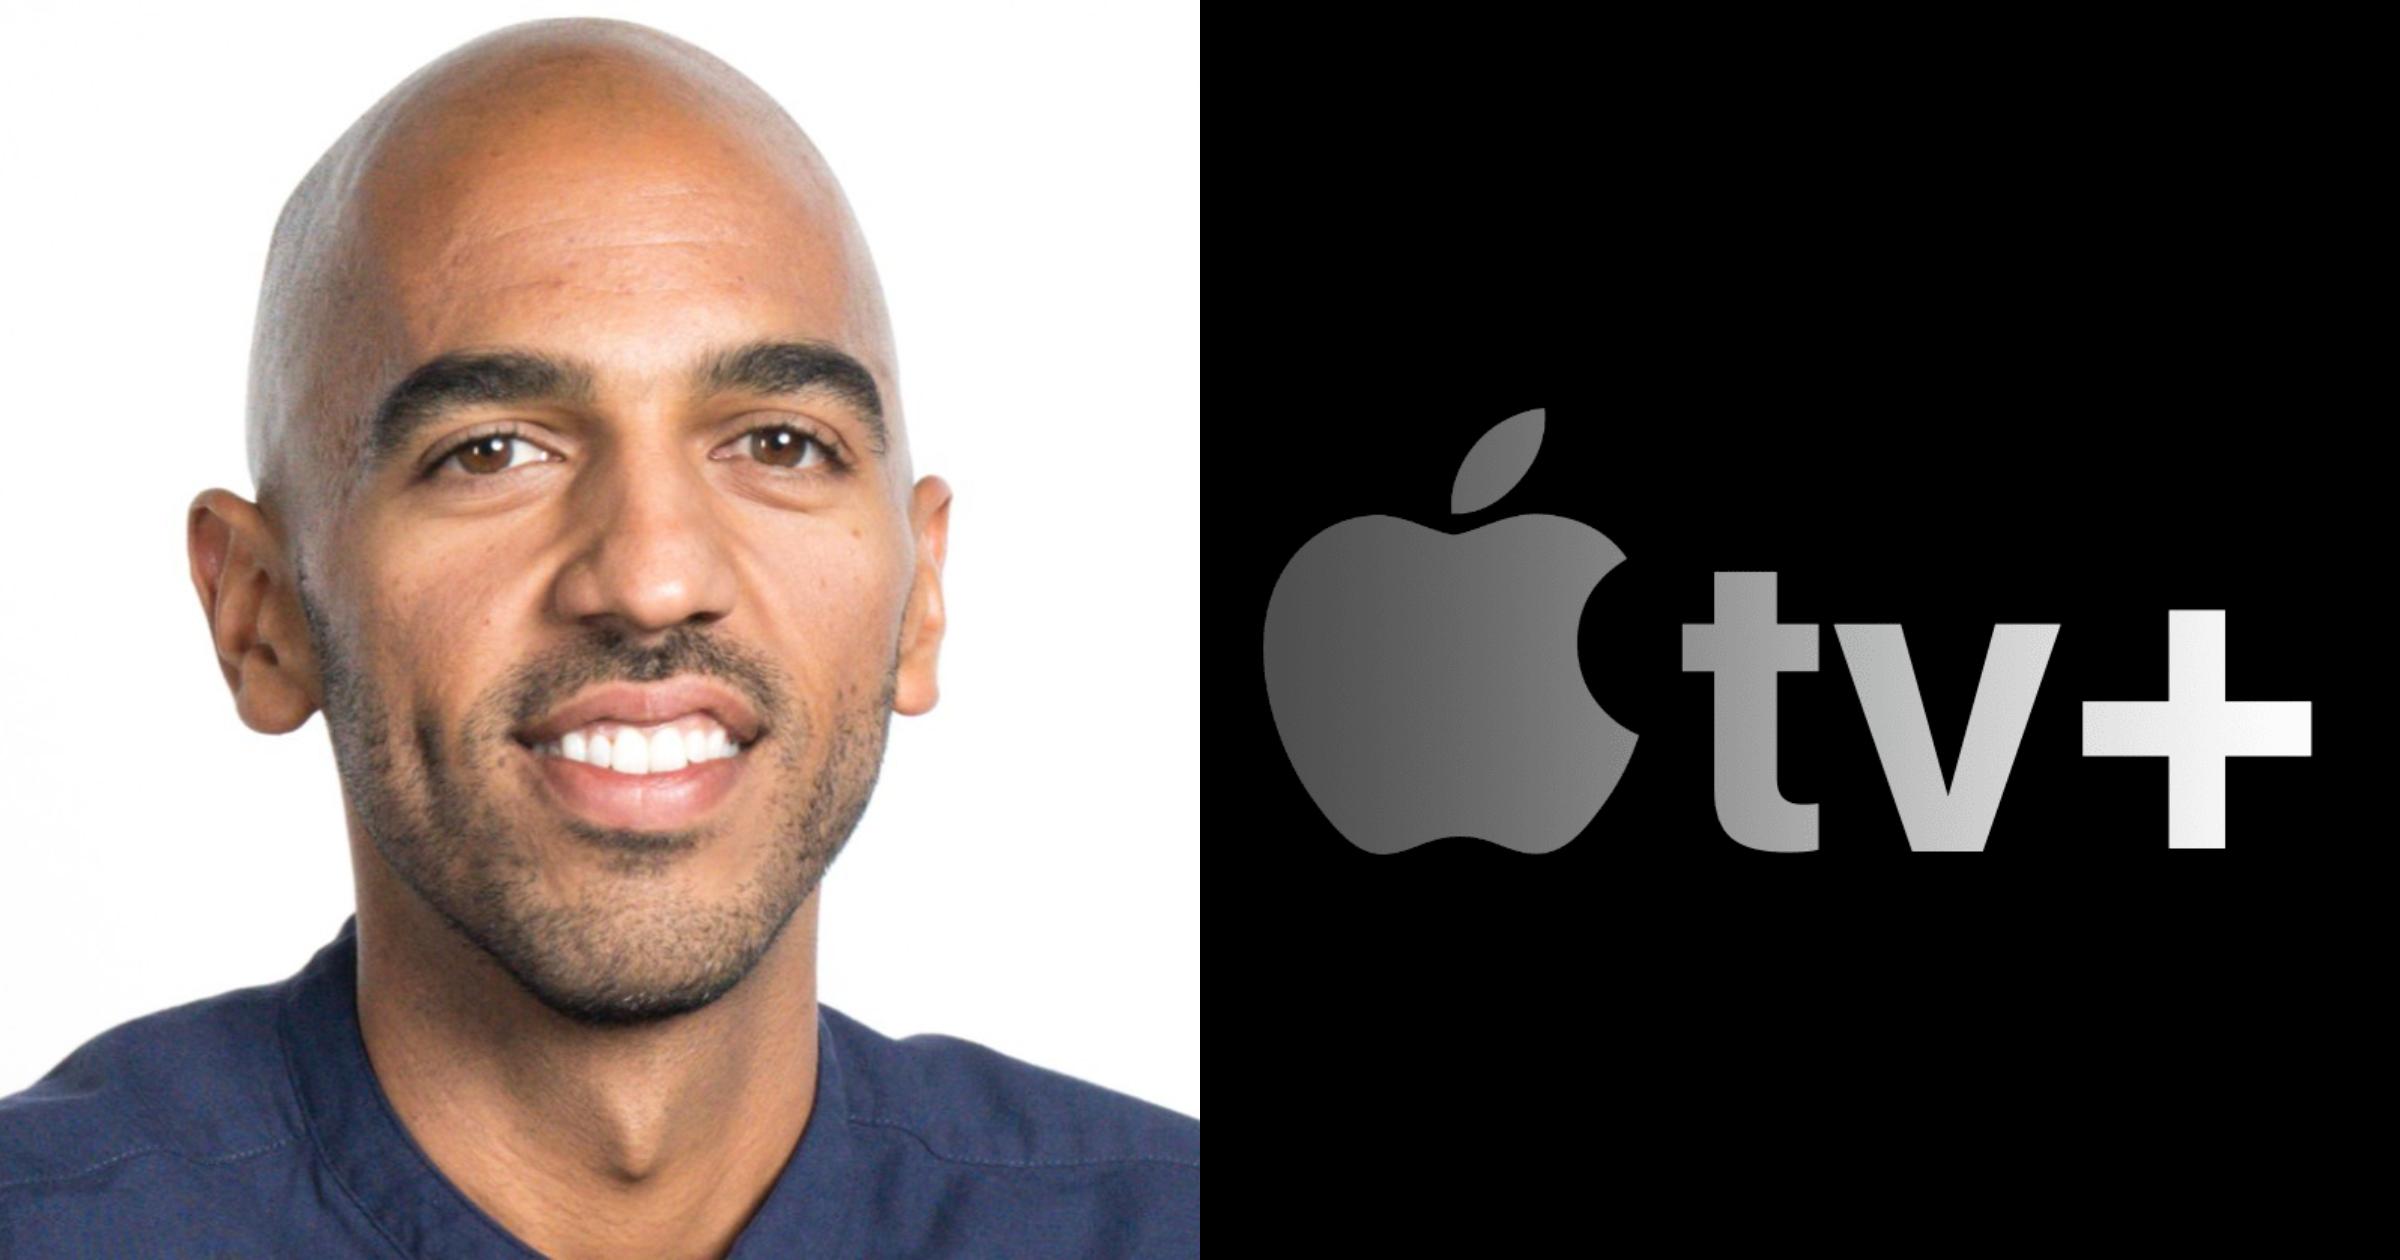 Executive Zennen Clifton has joined Apple TV+